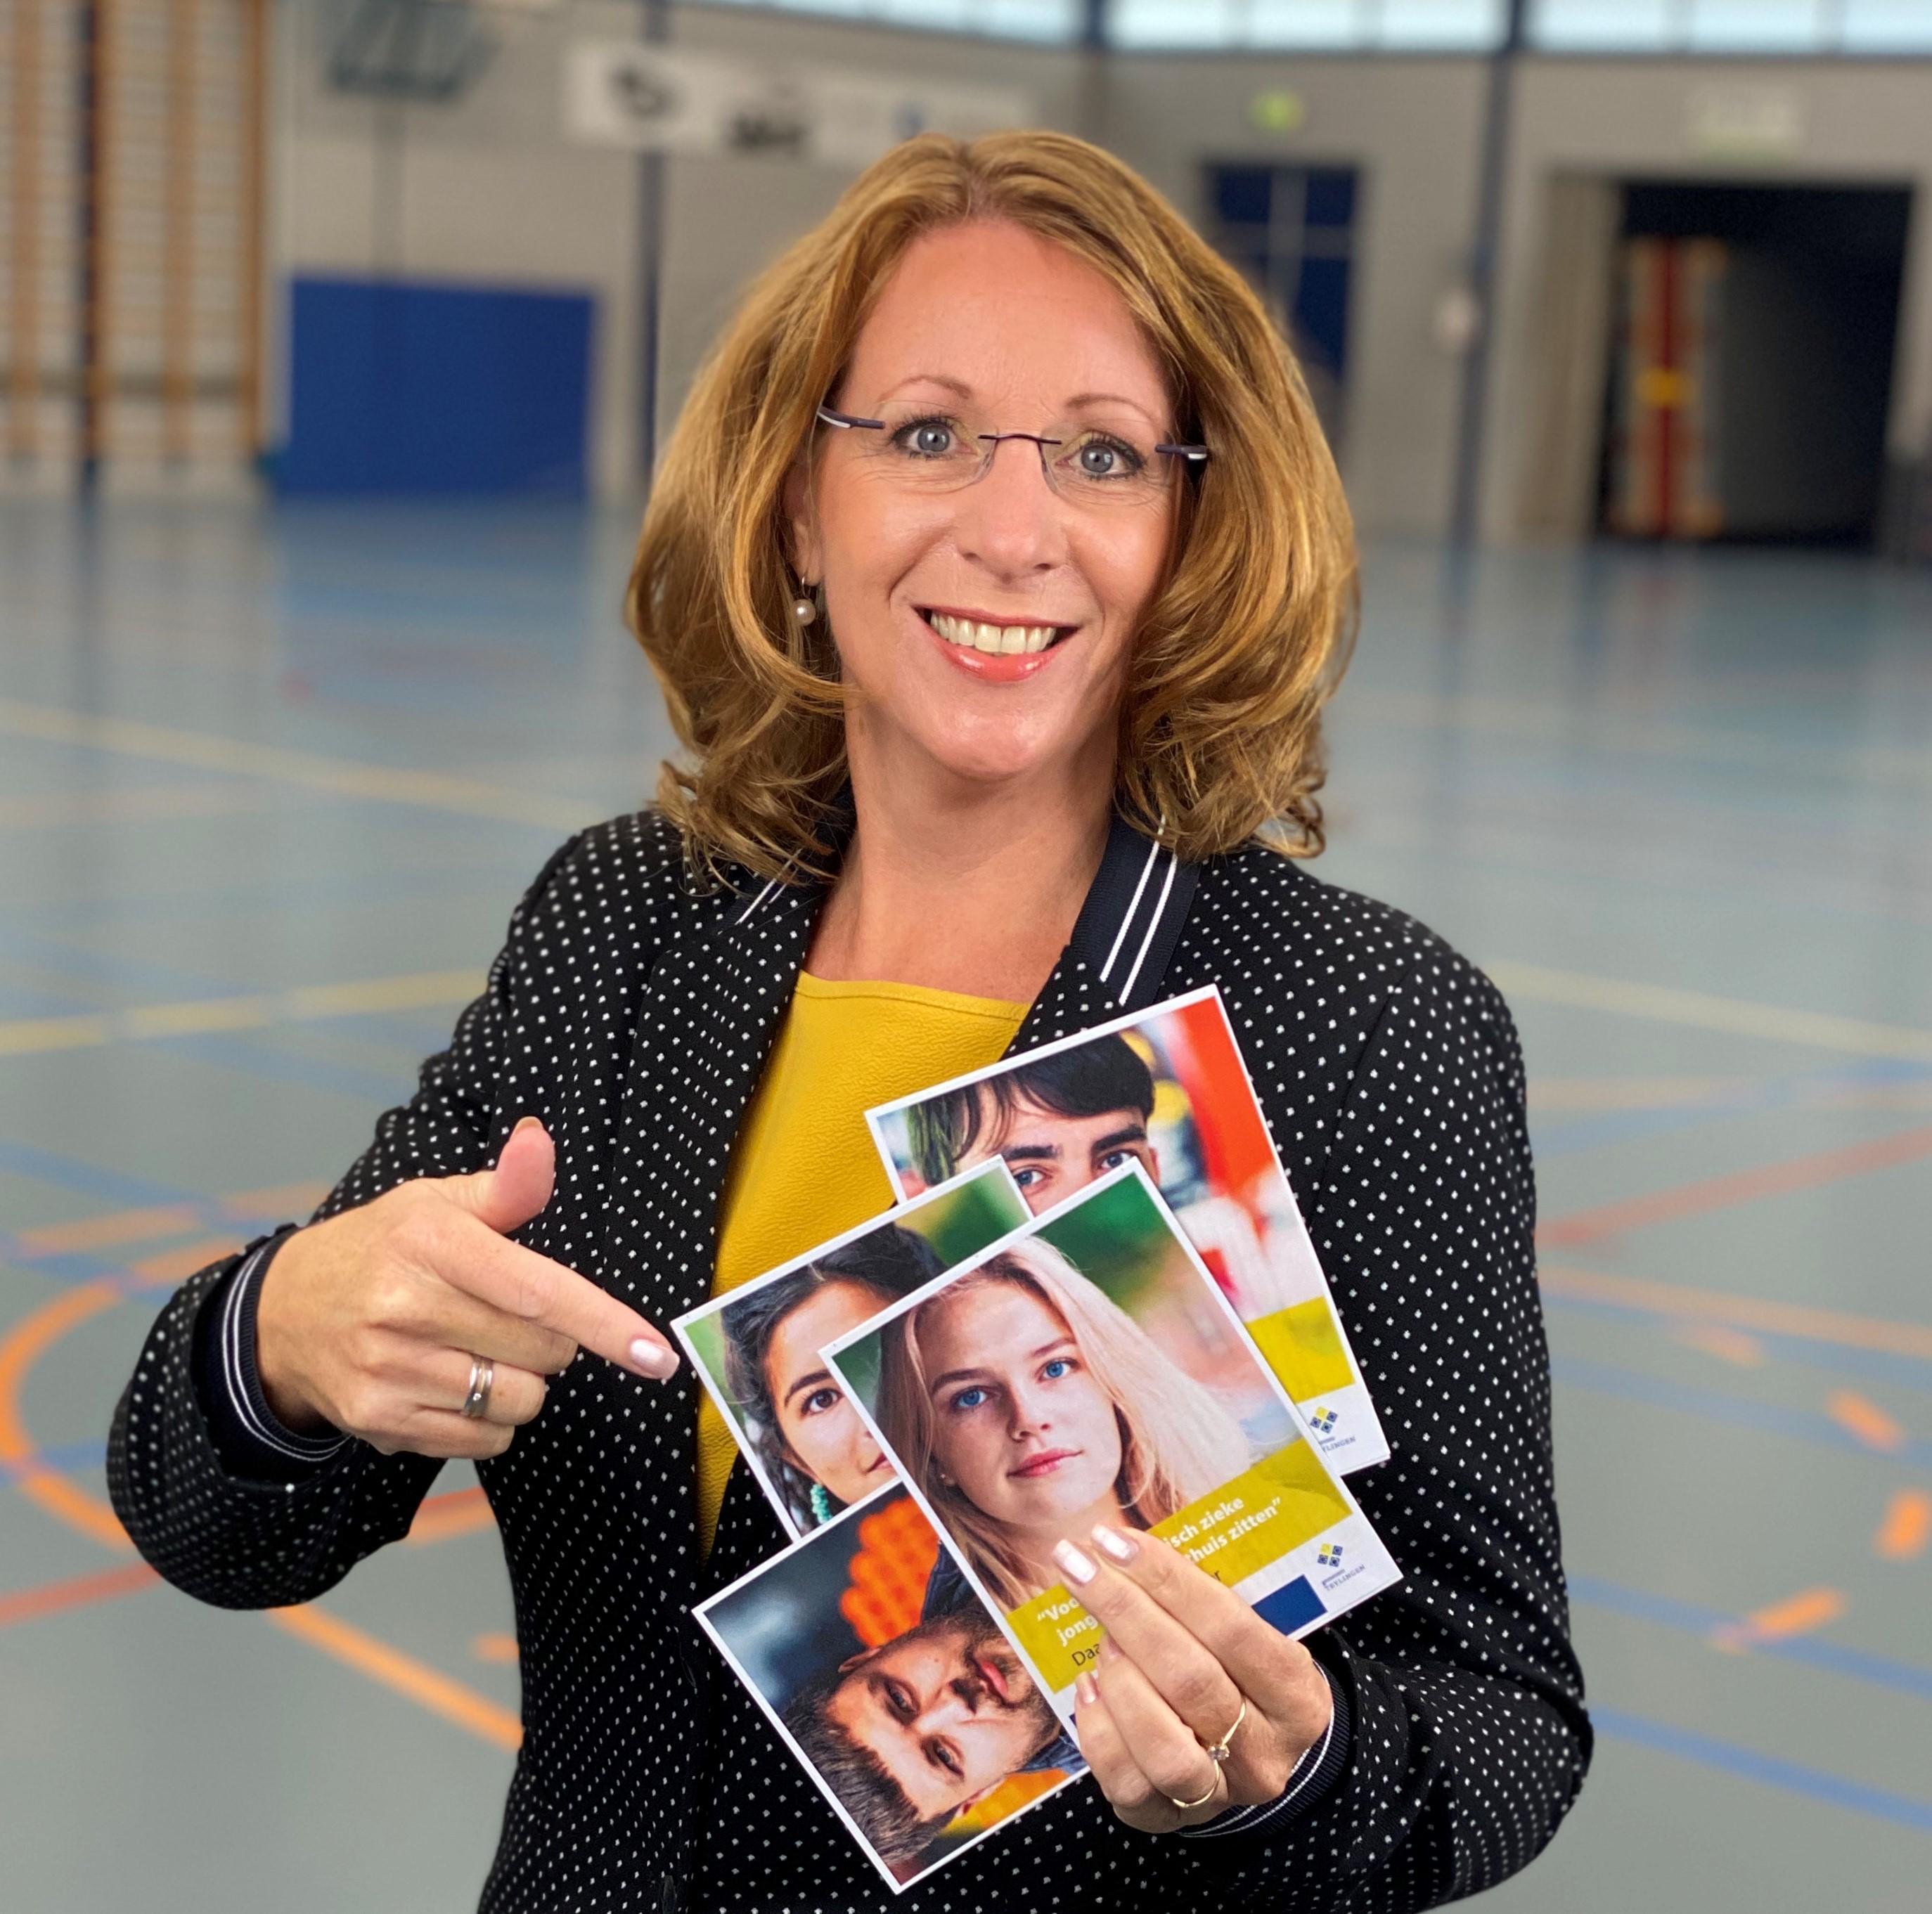 Burgemeester van Teylingen wil mét jongeren corona te lijf [video]